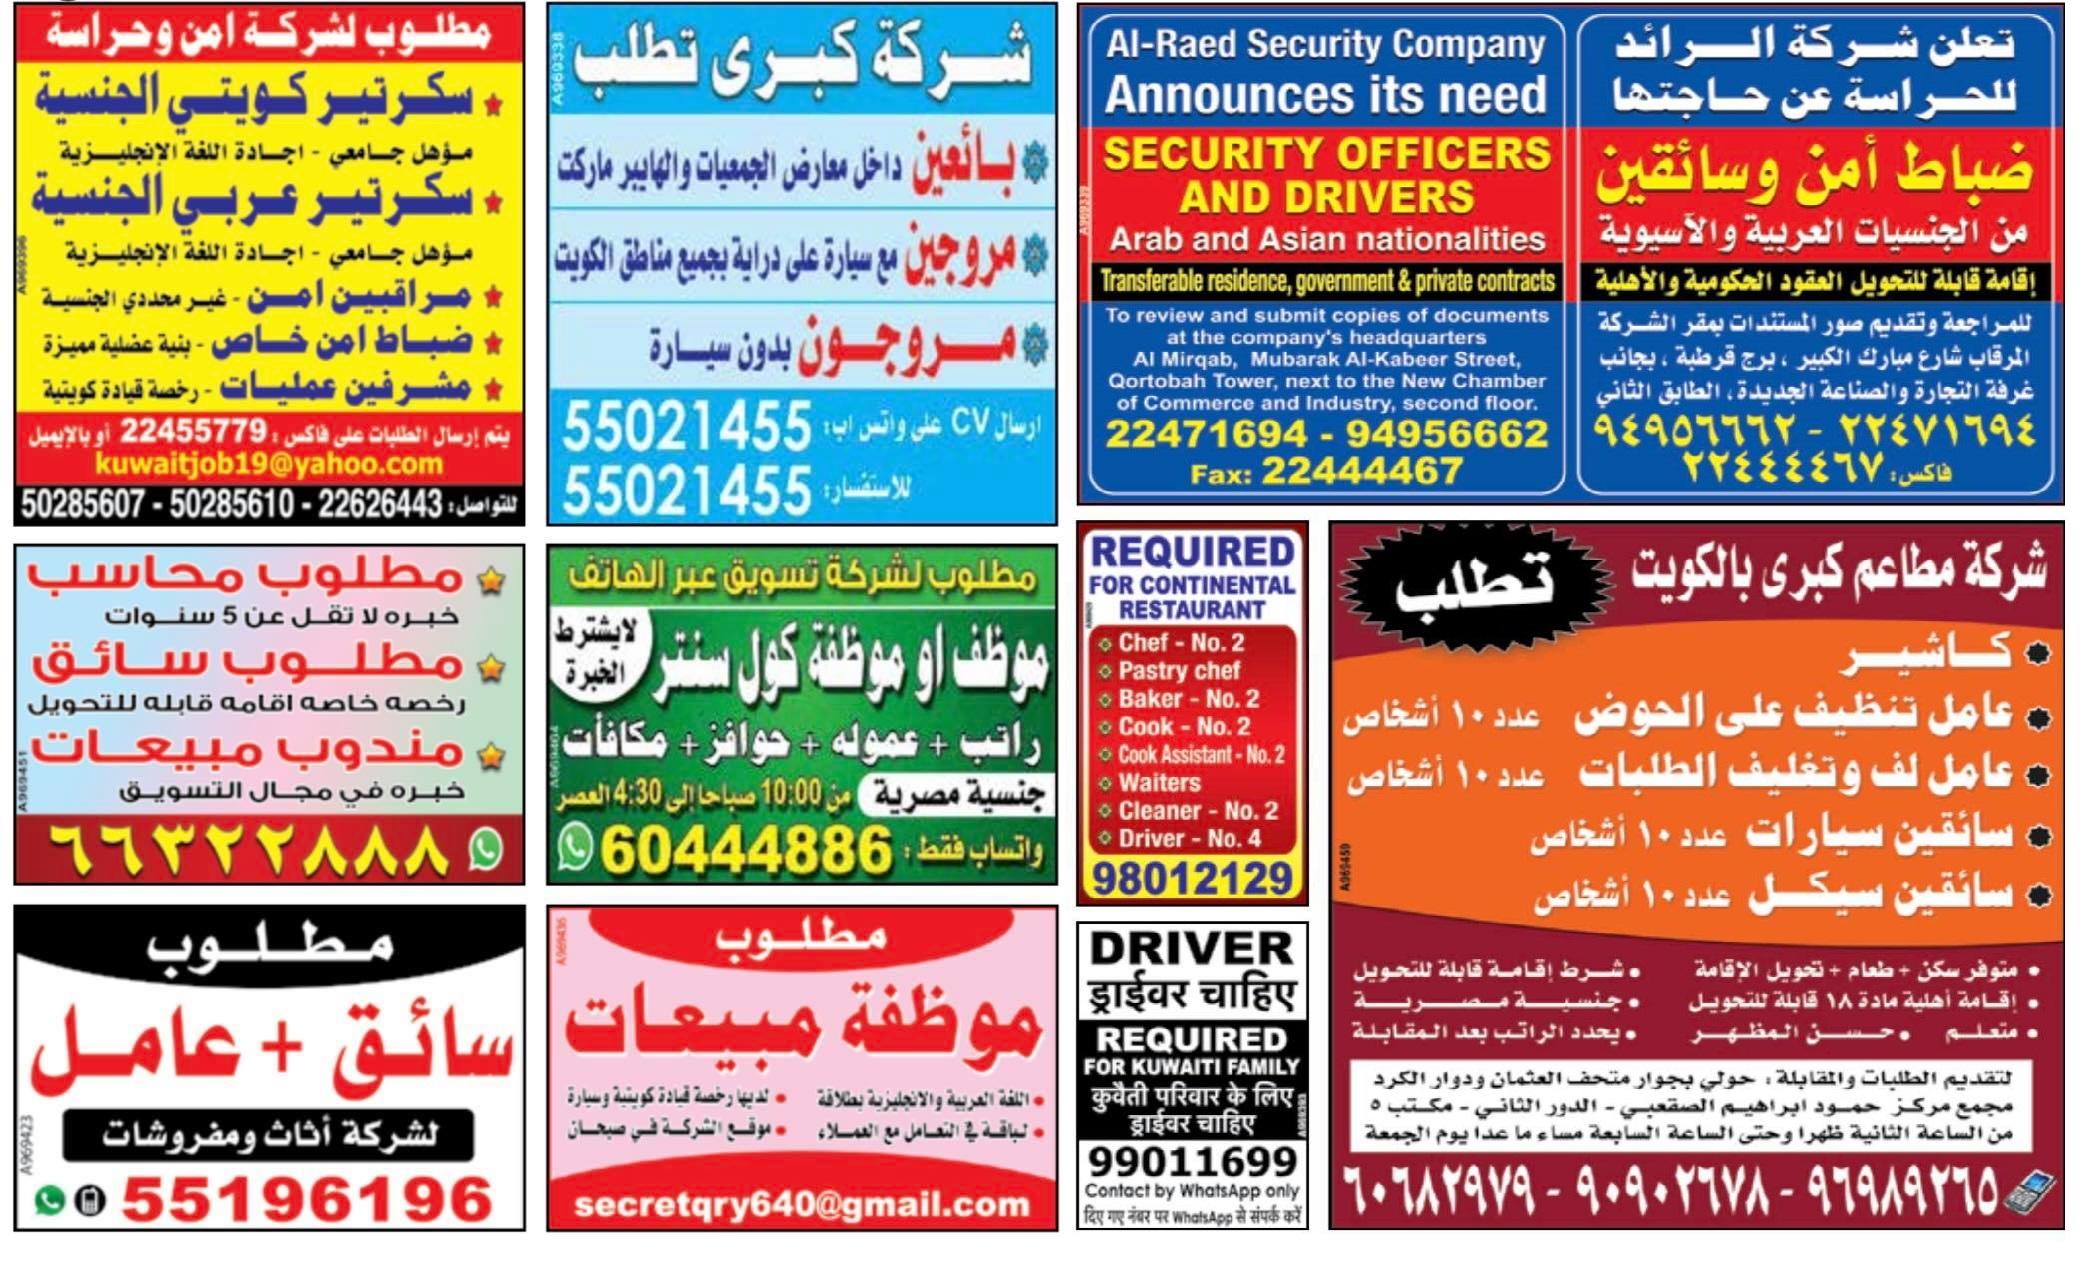 وظائف جريدة الوسيط الكويتية الثلاثاء 8/9/2021 waseet Newspaper jobs in kuwait